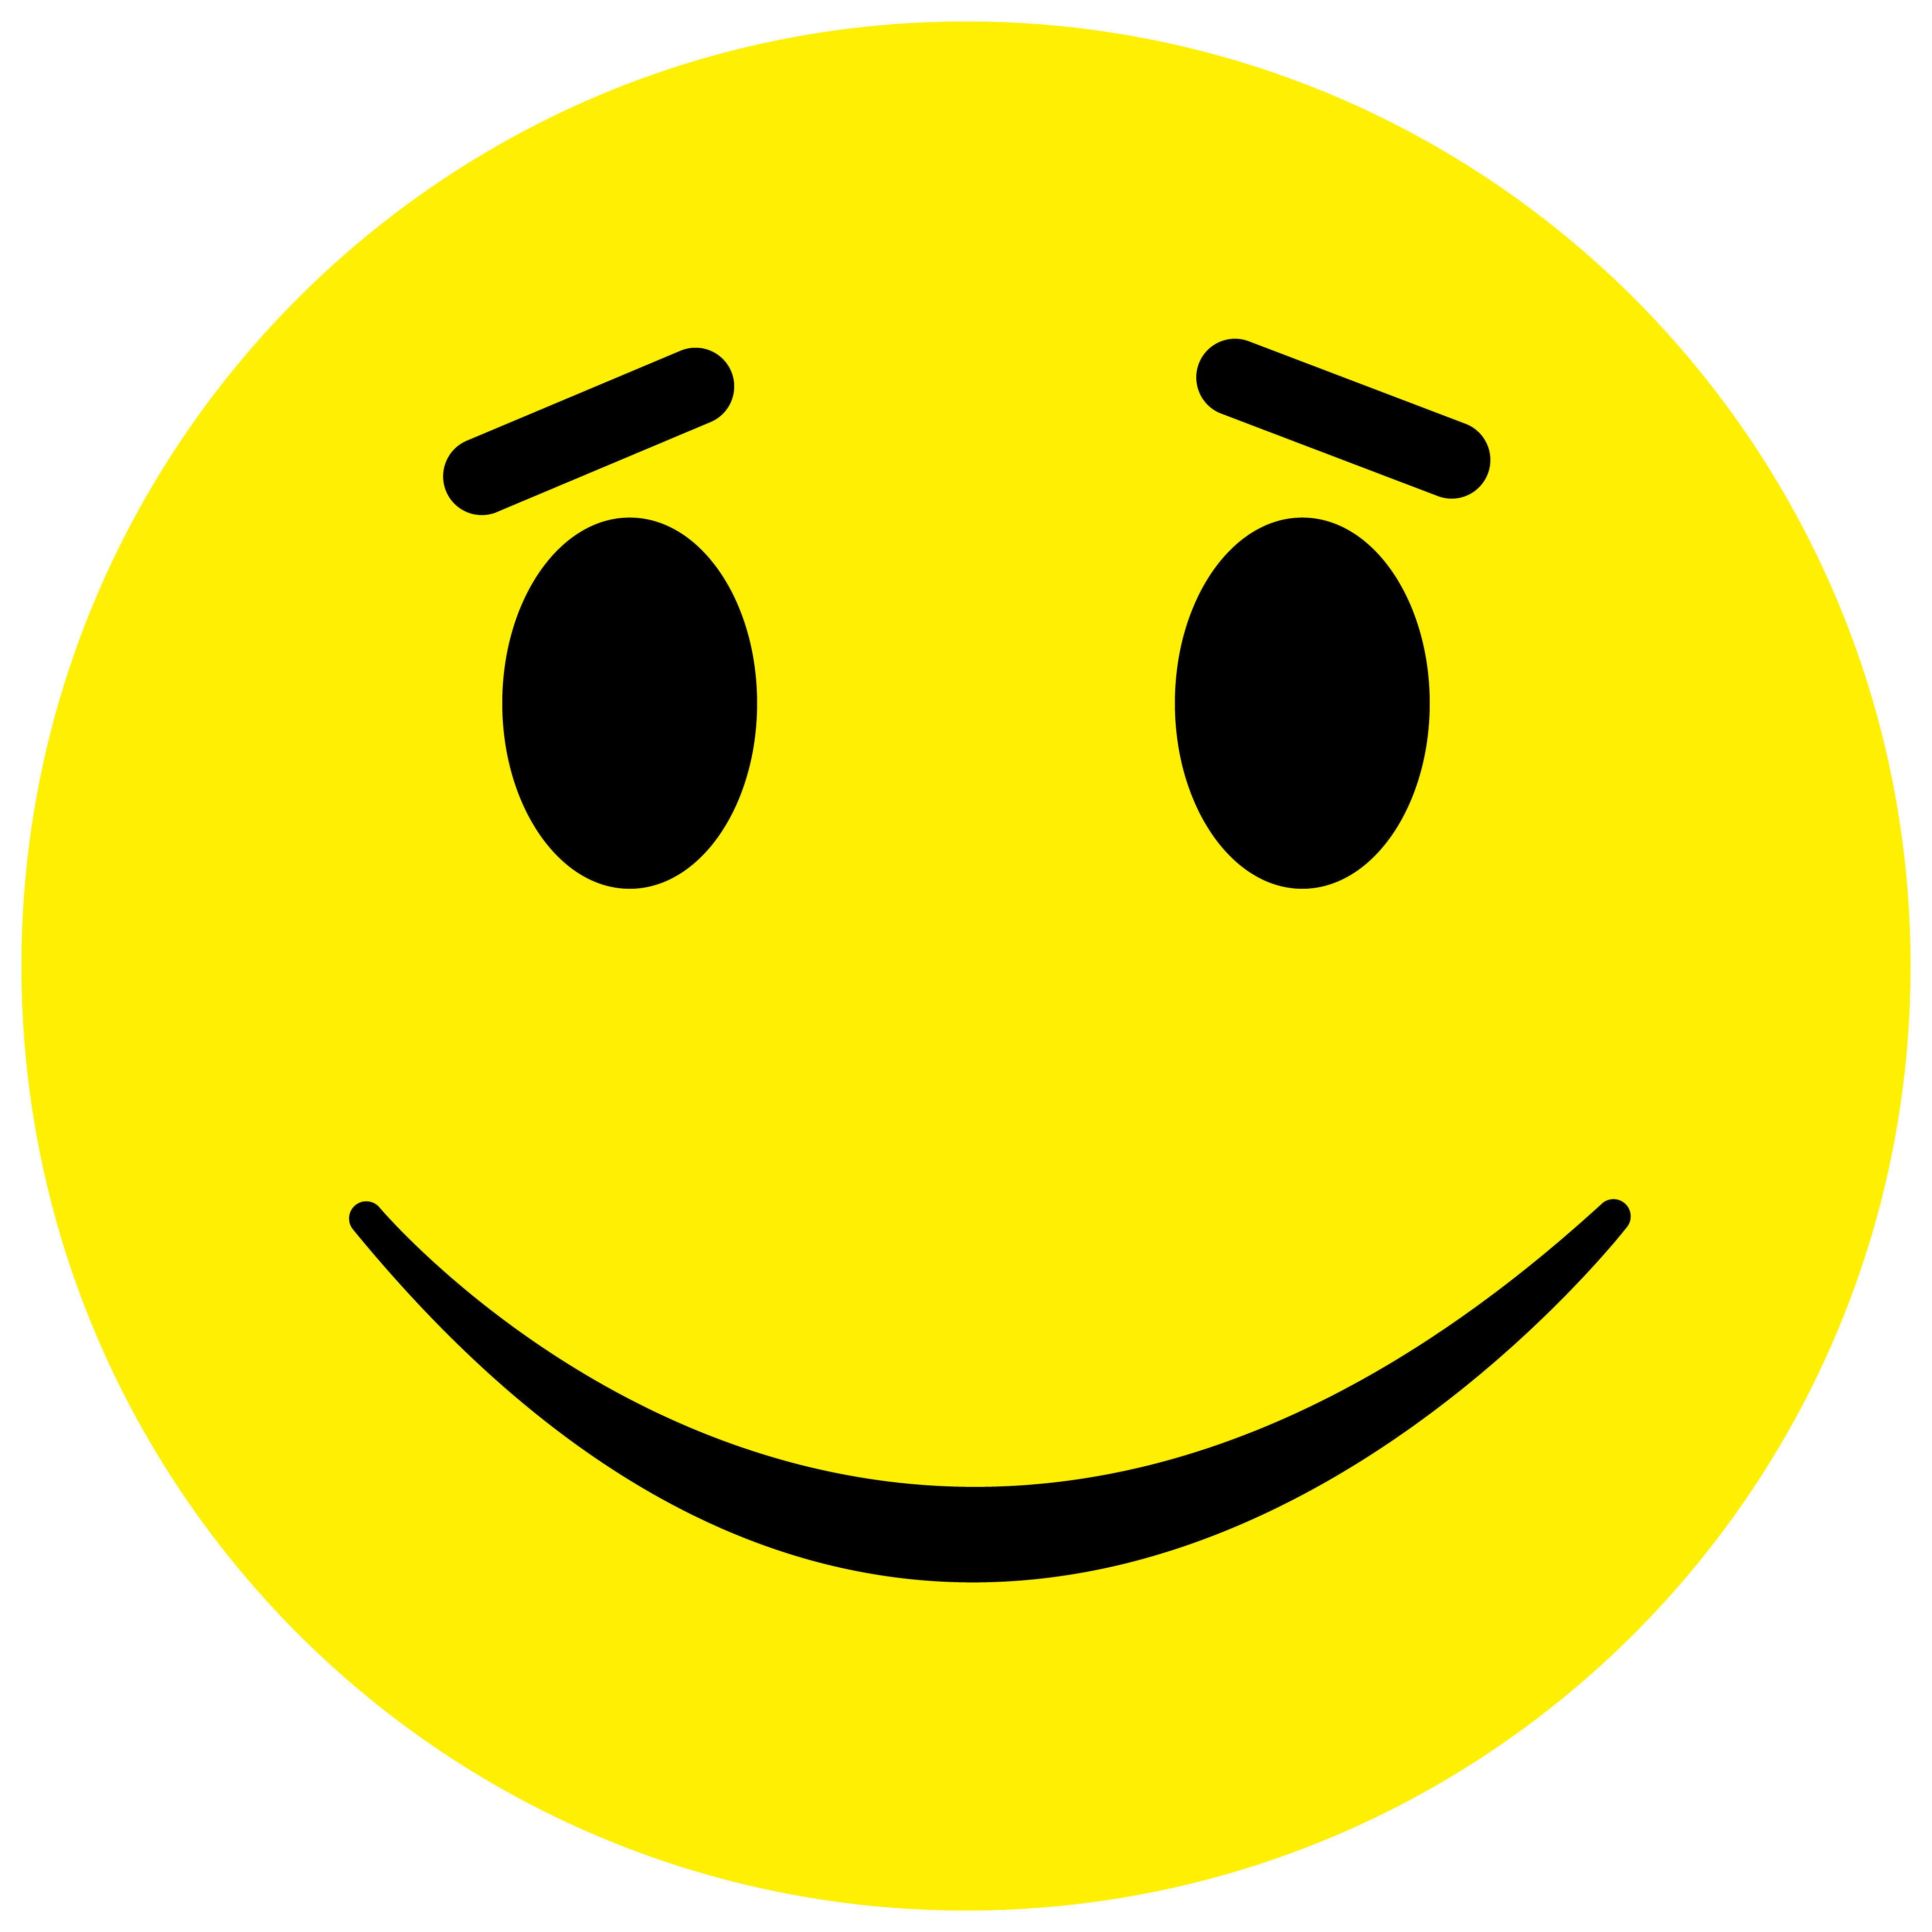 Smiley Aufkleber, Sticker Lächeln2 Smilies, Menge/Größefrei wählbar